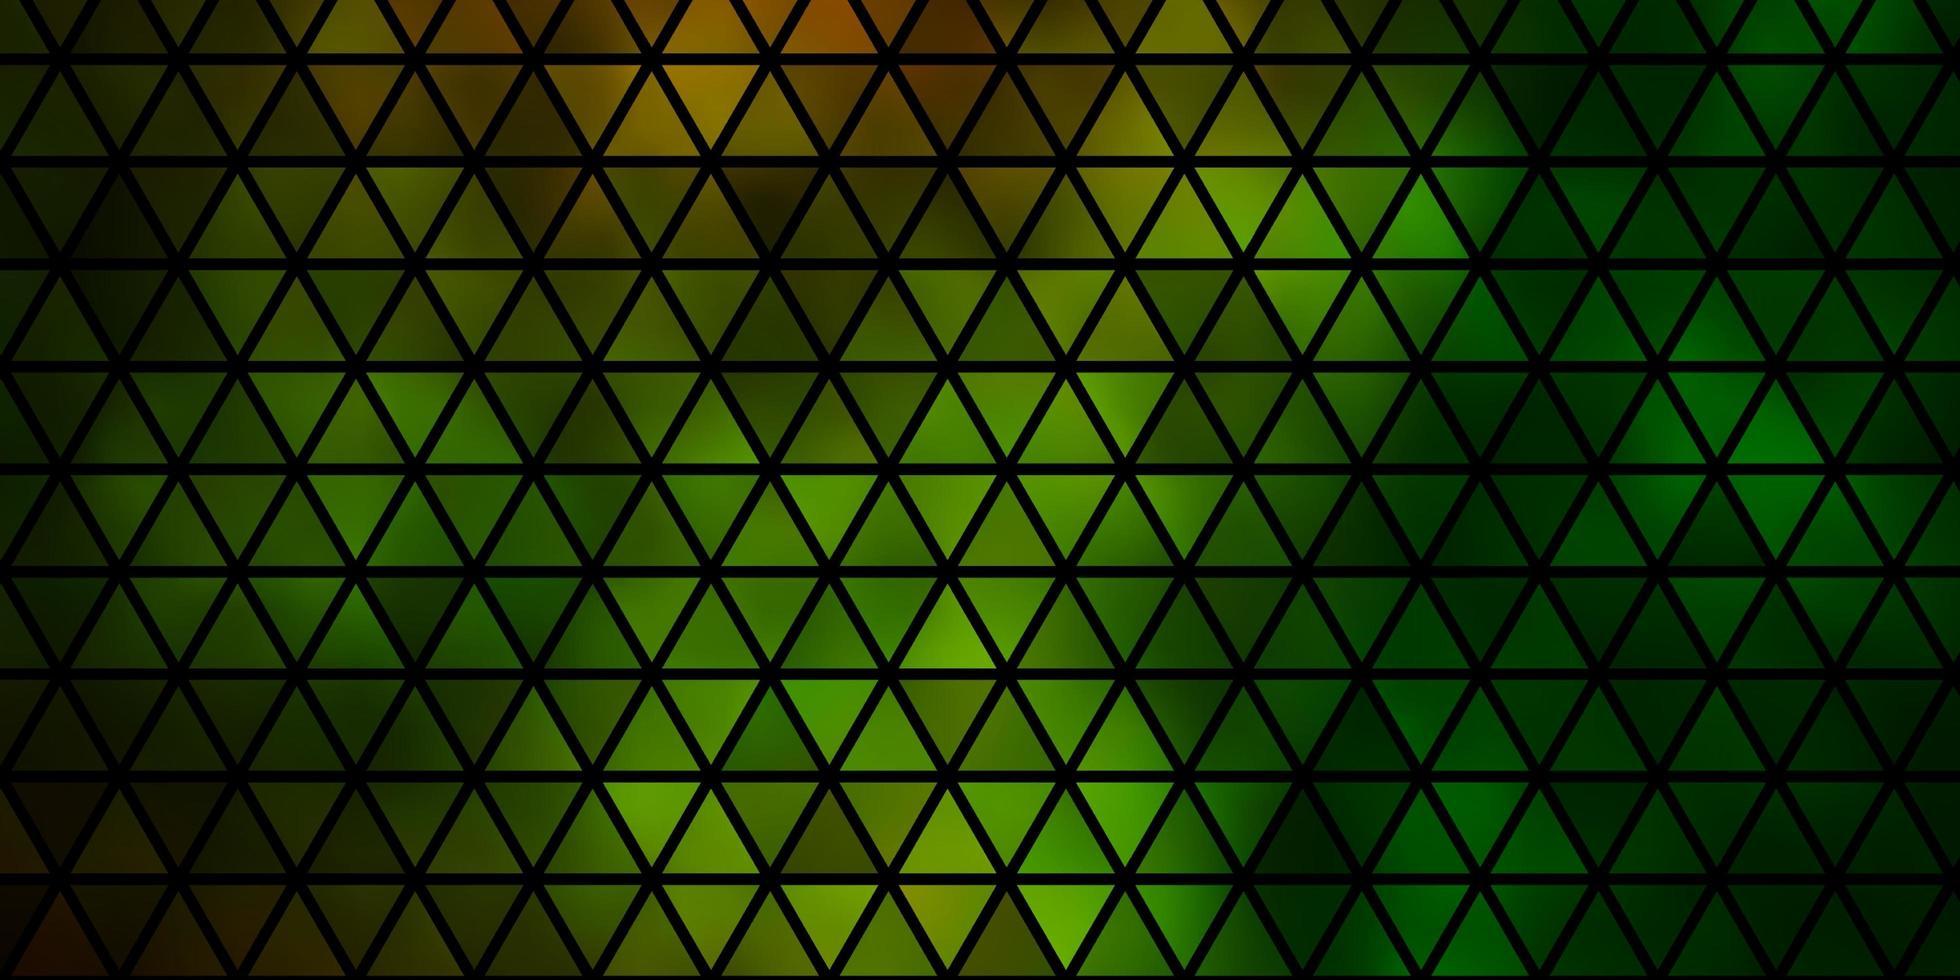 toile de fond de vecteur vert foncé, jaune avec des lignes, des triangles.